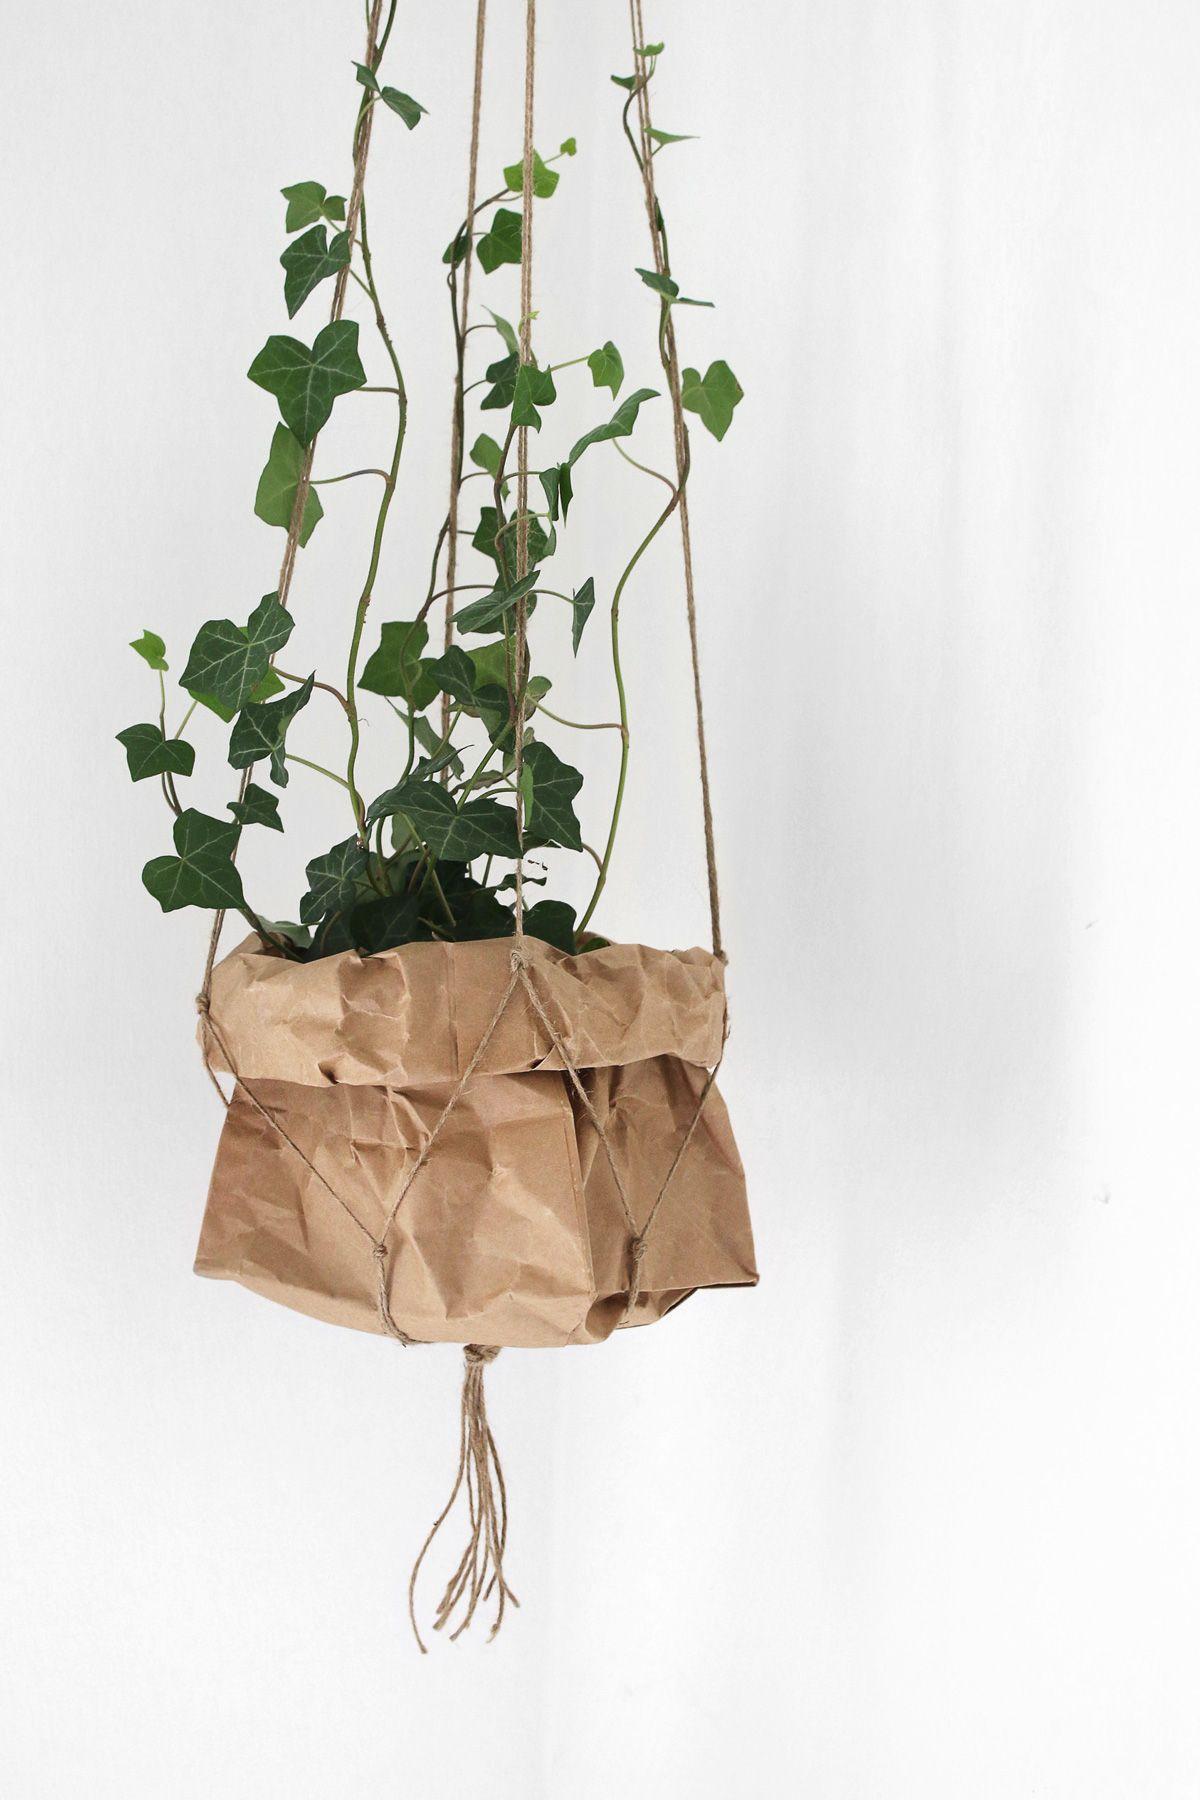 Diy Planteoph Ng Plant Hanger -- Katarina Natalie